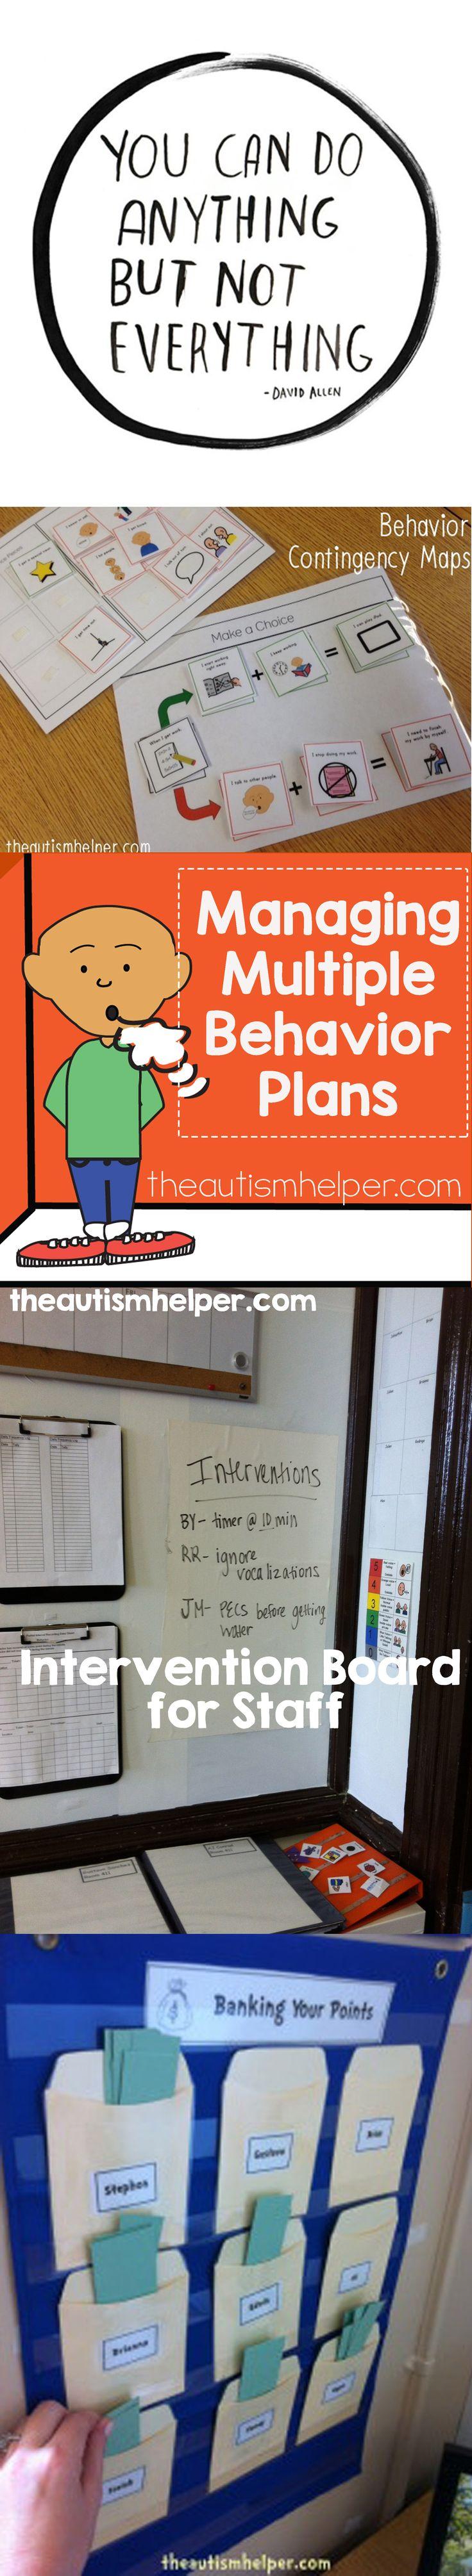 Managing Multiple Behavior Plans at Once